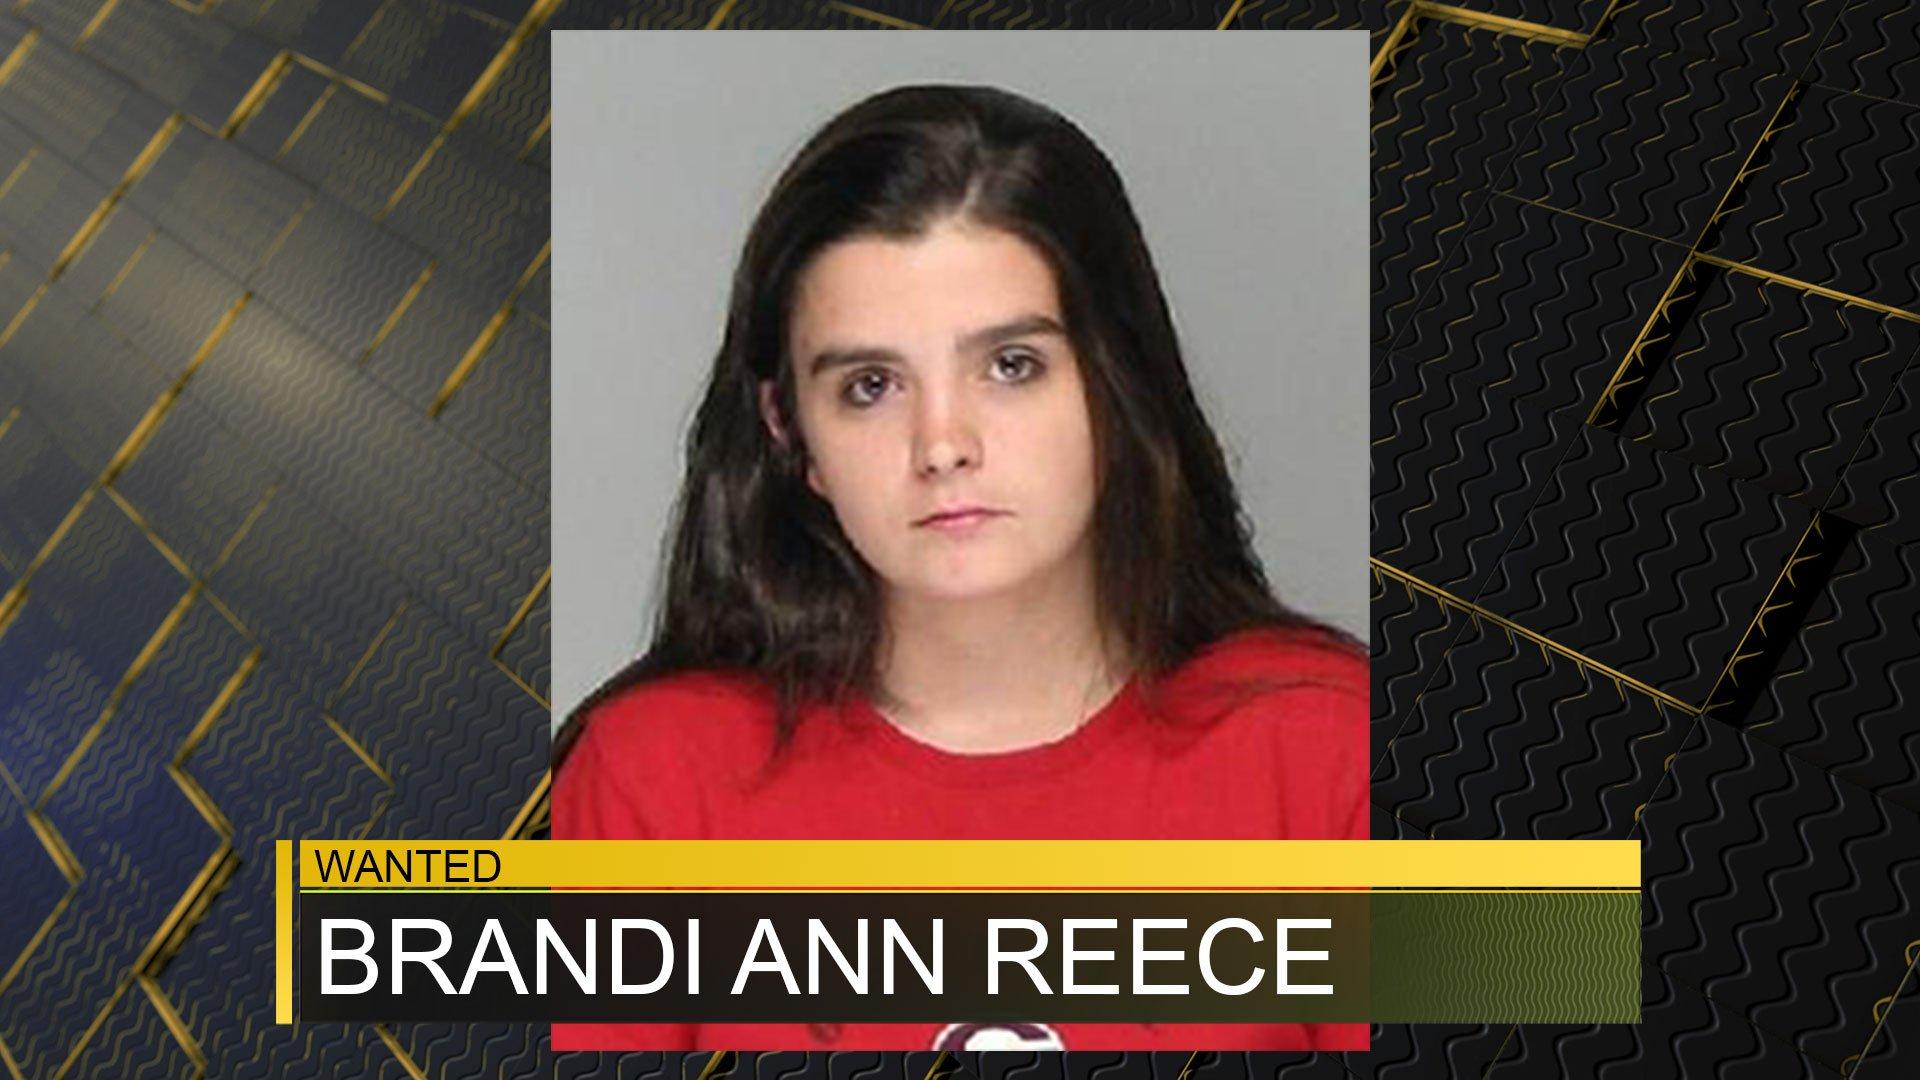 Brandi Ann Reece (Richmond County Sheriff's Office)